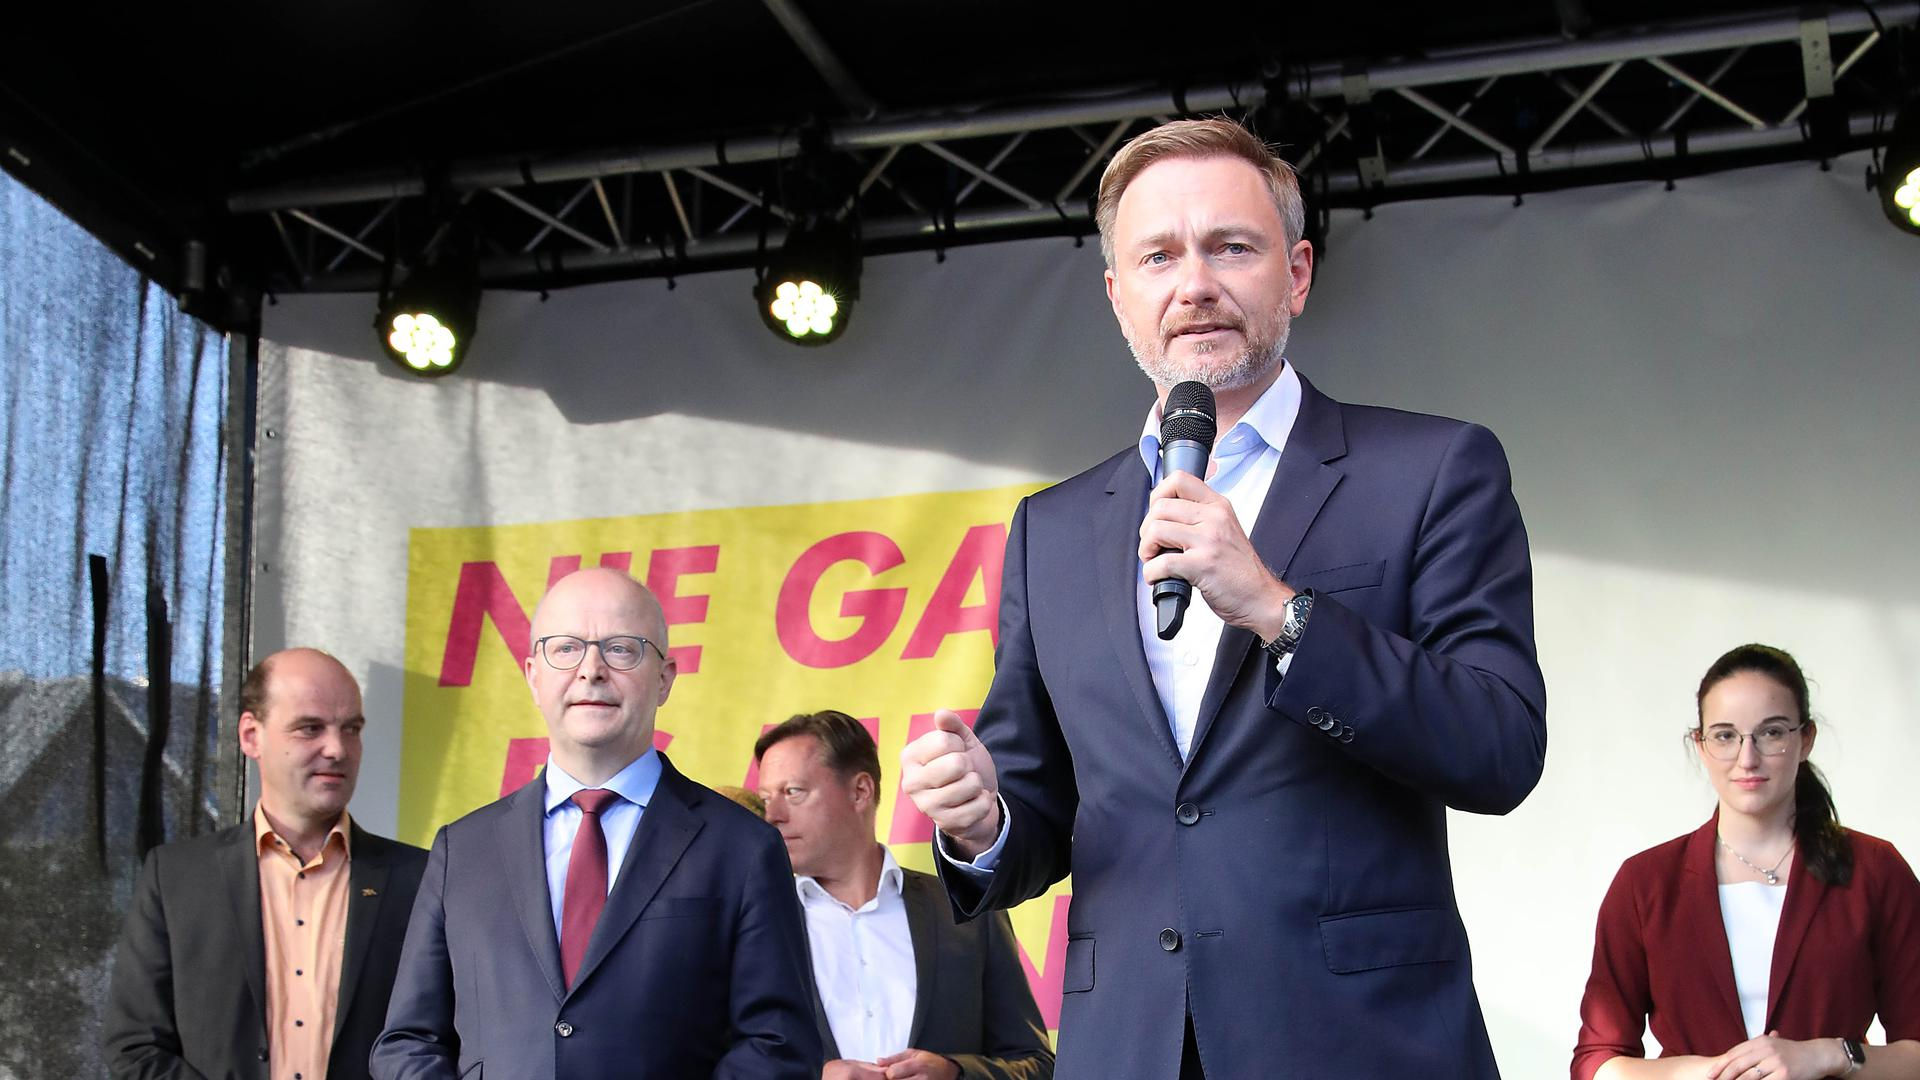 Klare Worte: FDP-Spitzenkandidat Christian Lindner hat bei seinem Auftritt in Karlsruhe Steuerentlastungen versprochen und sich zum Wachstum als ökonomischem Grundprinzip bekannt. Links neben ihm Wahlkreiskandidat Michael Theurer.